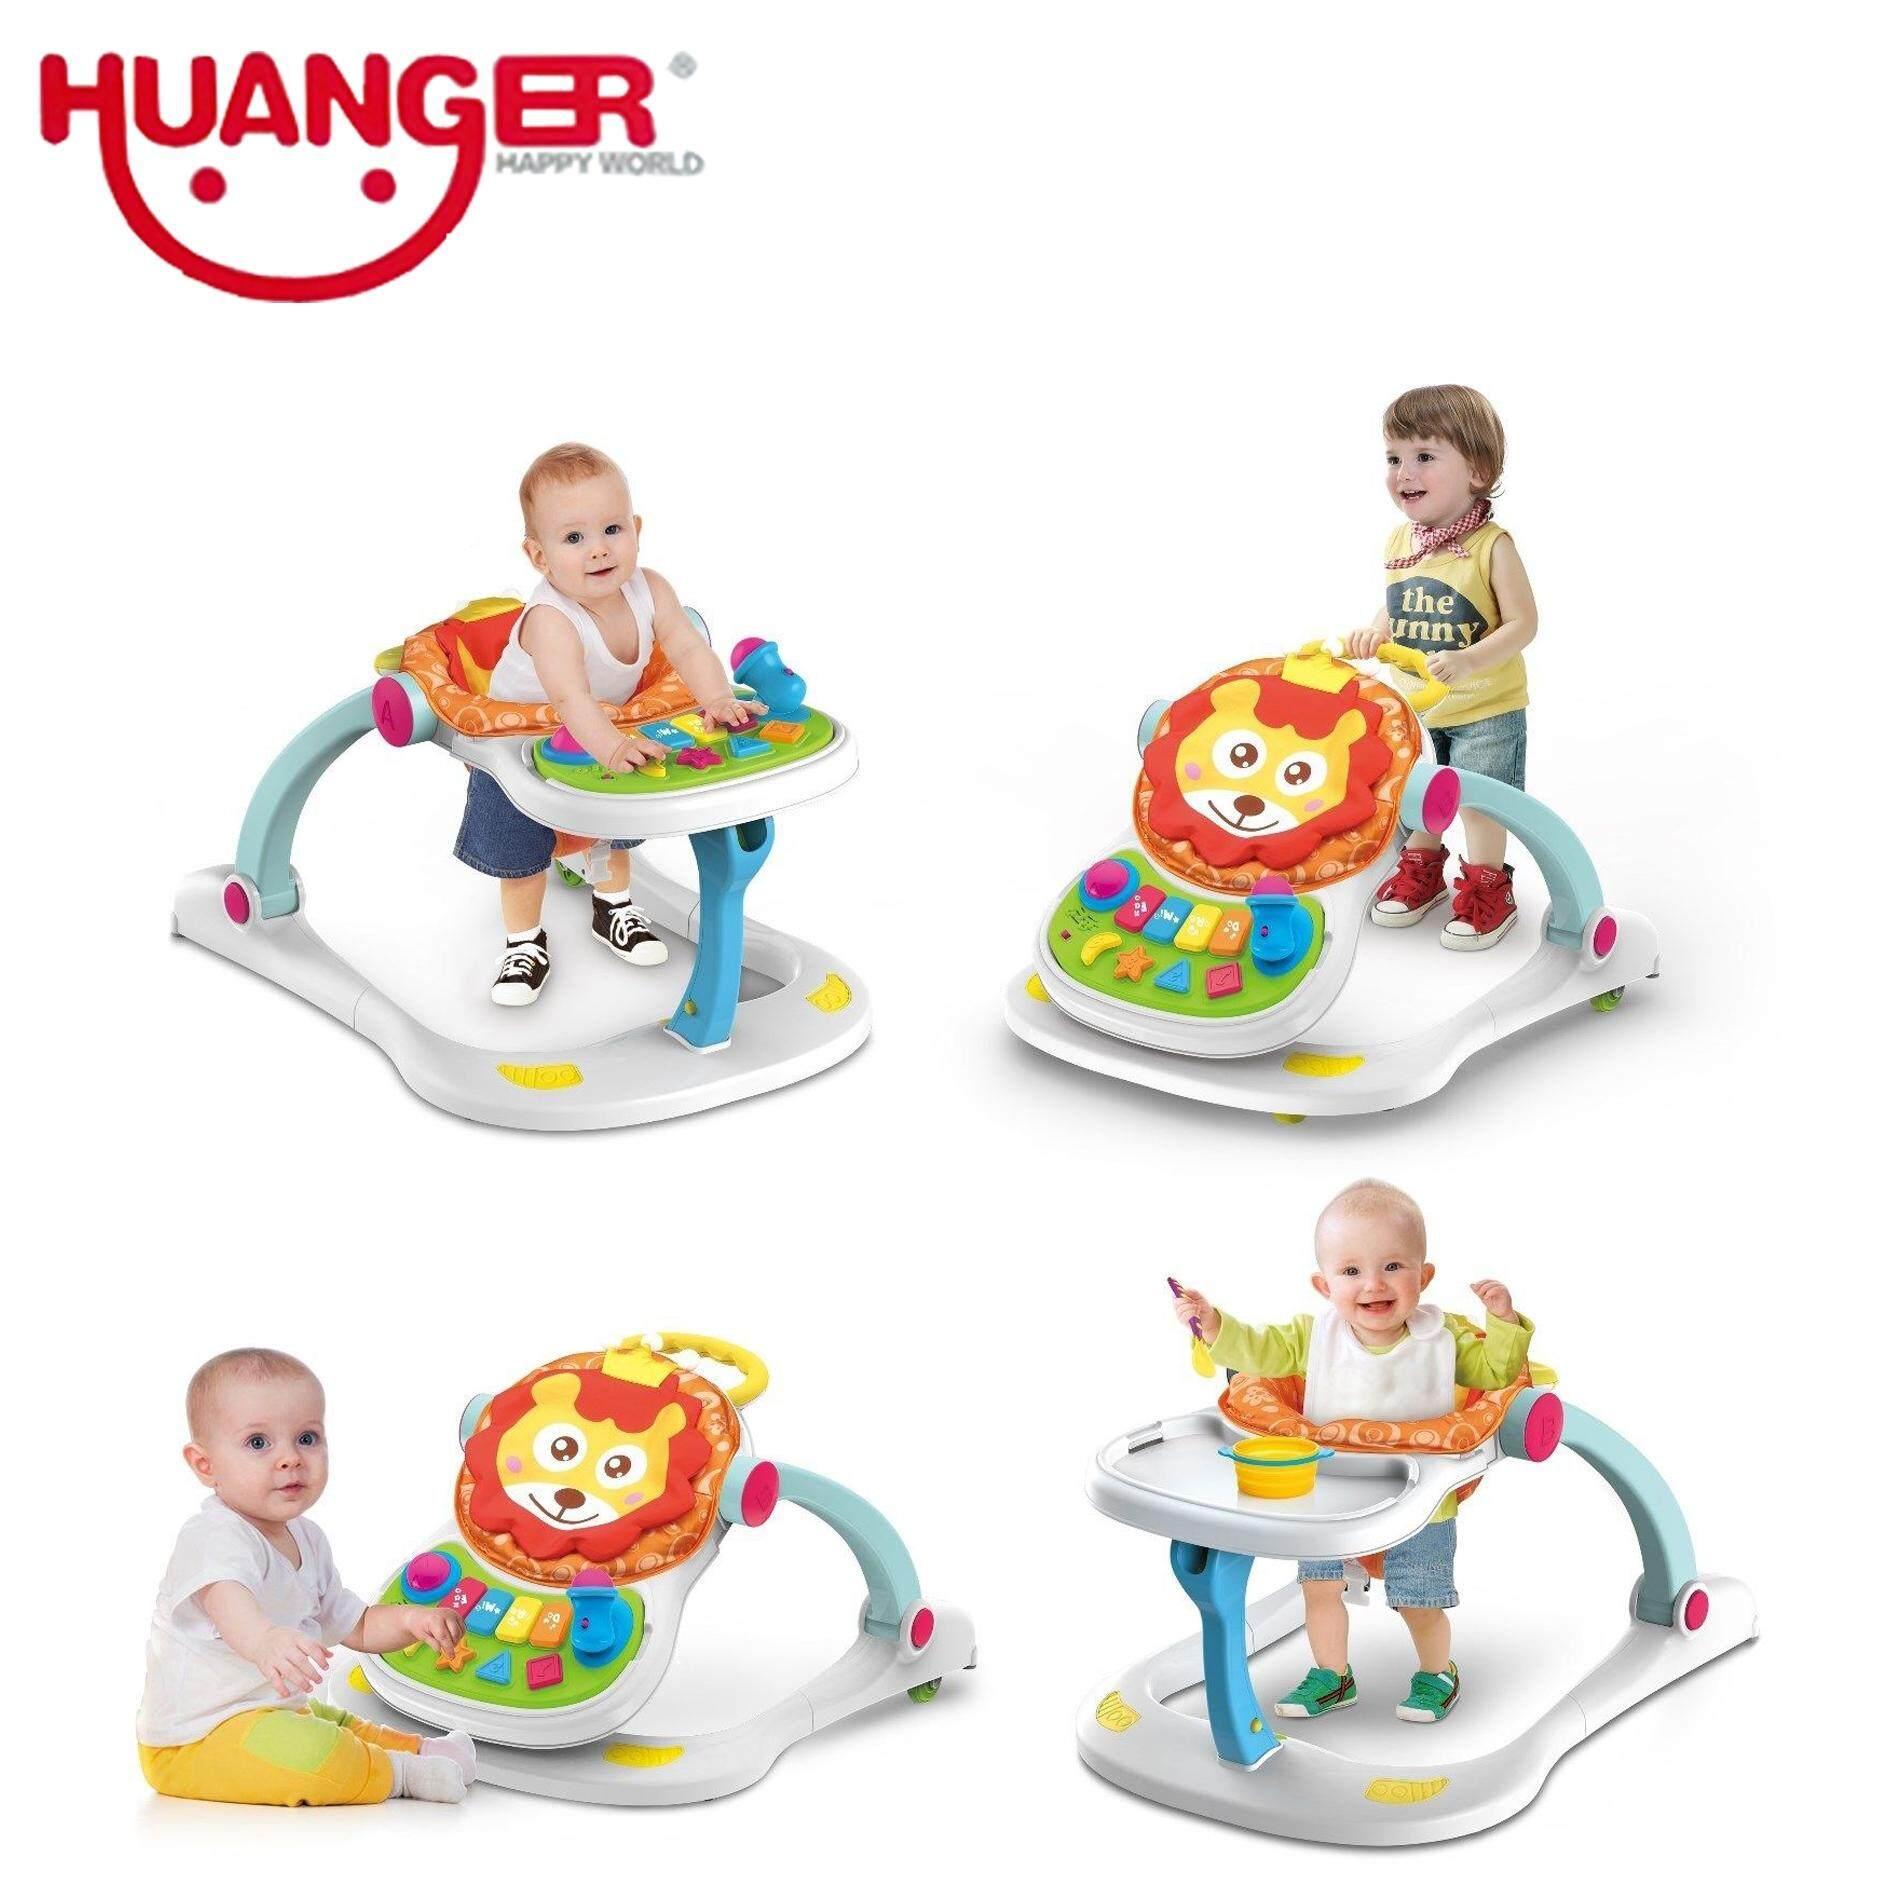 Huanger รถหัดเดินสิงโต 4 in 1  Lion entertainer walker 4 in 1